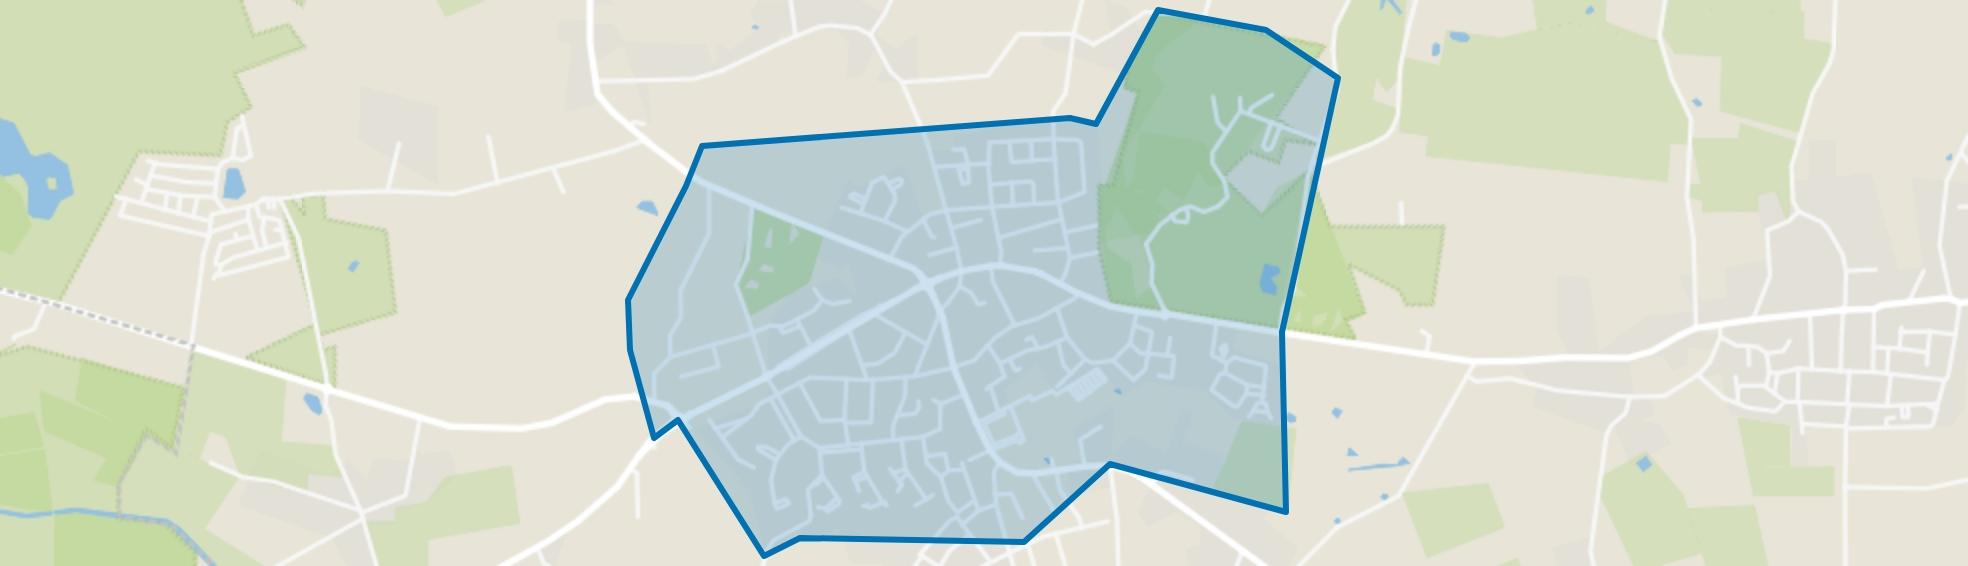 Bakel, Bakel map